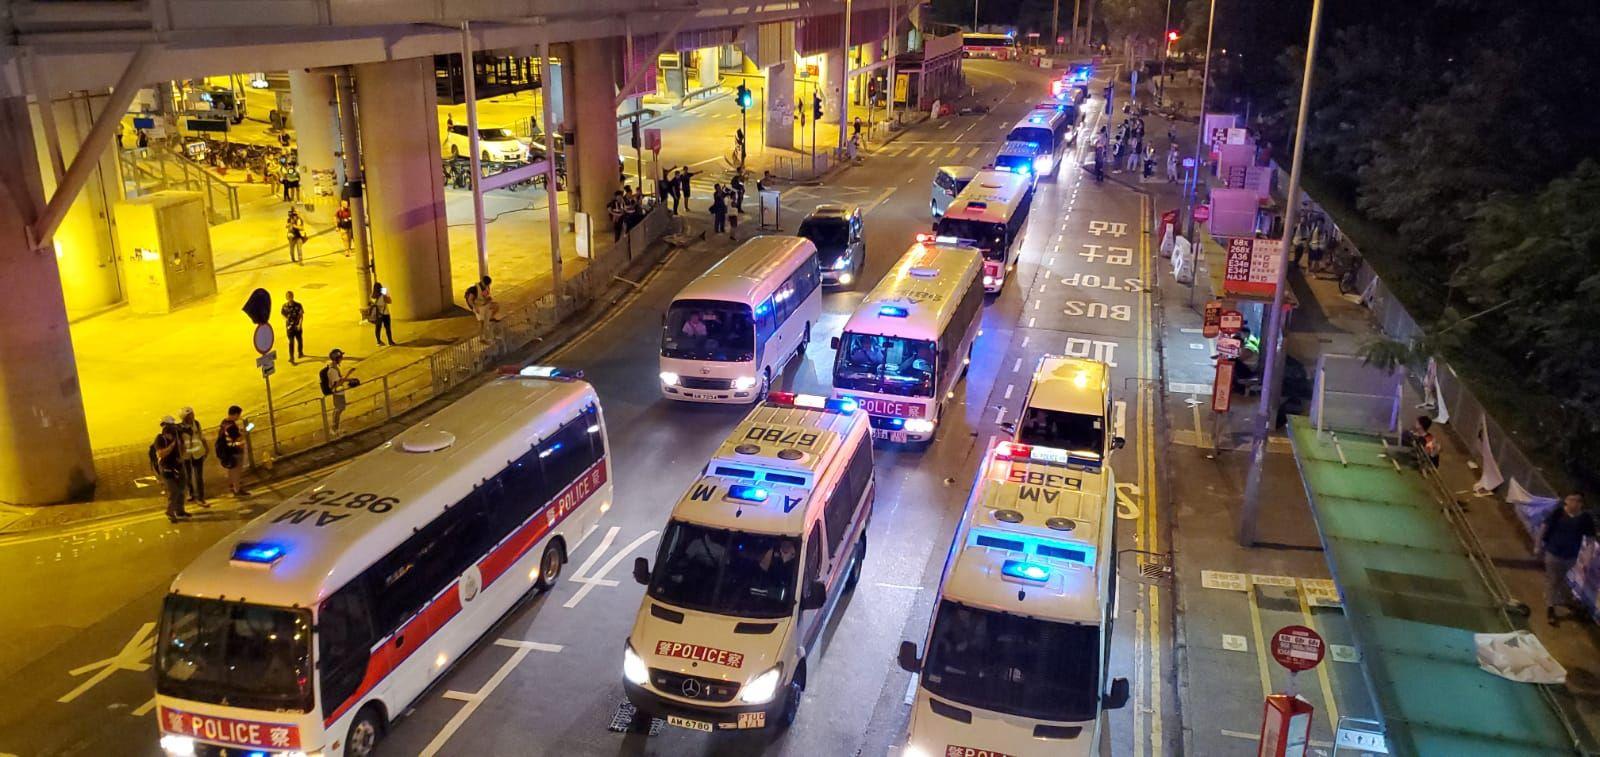 晚上近11時半,警車回到元朗西鐵站外天橋底增援。